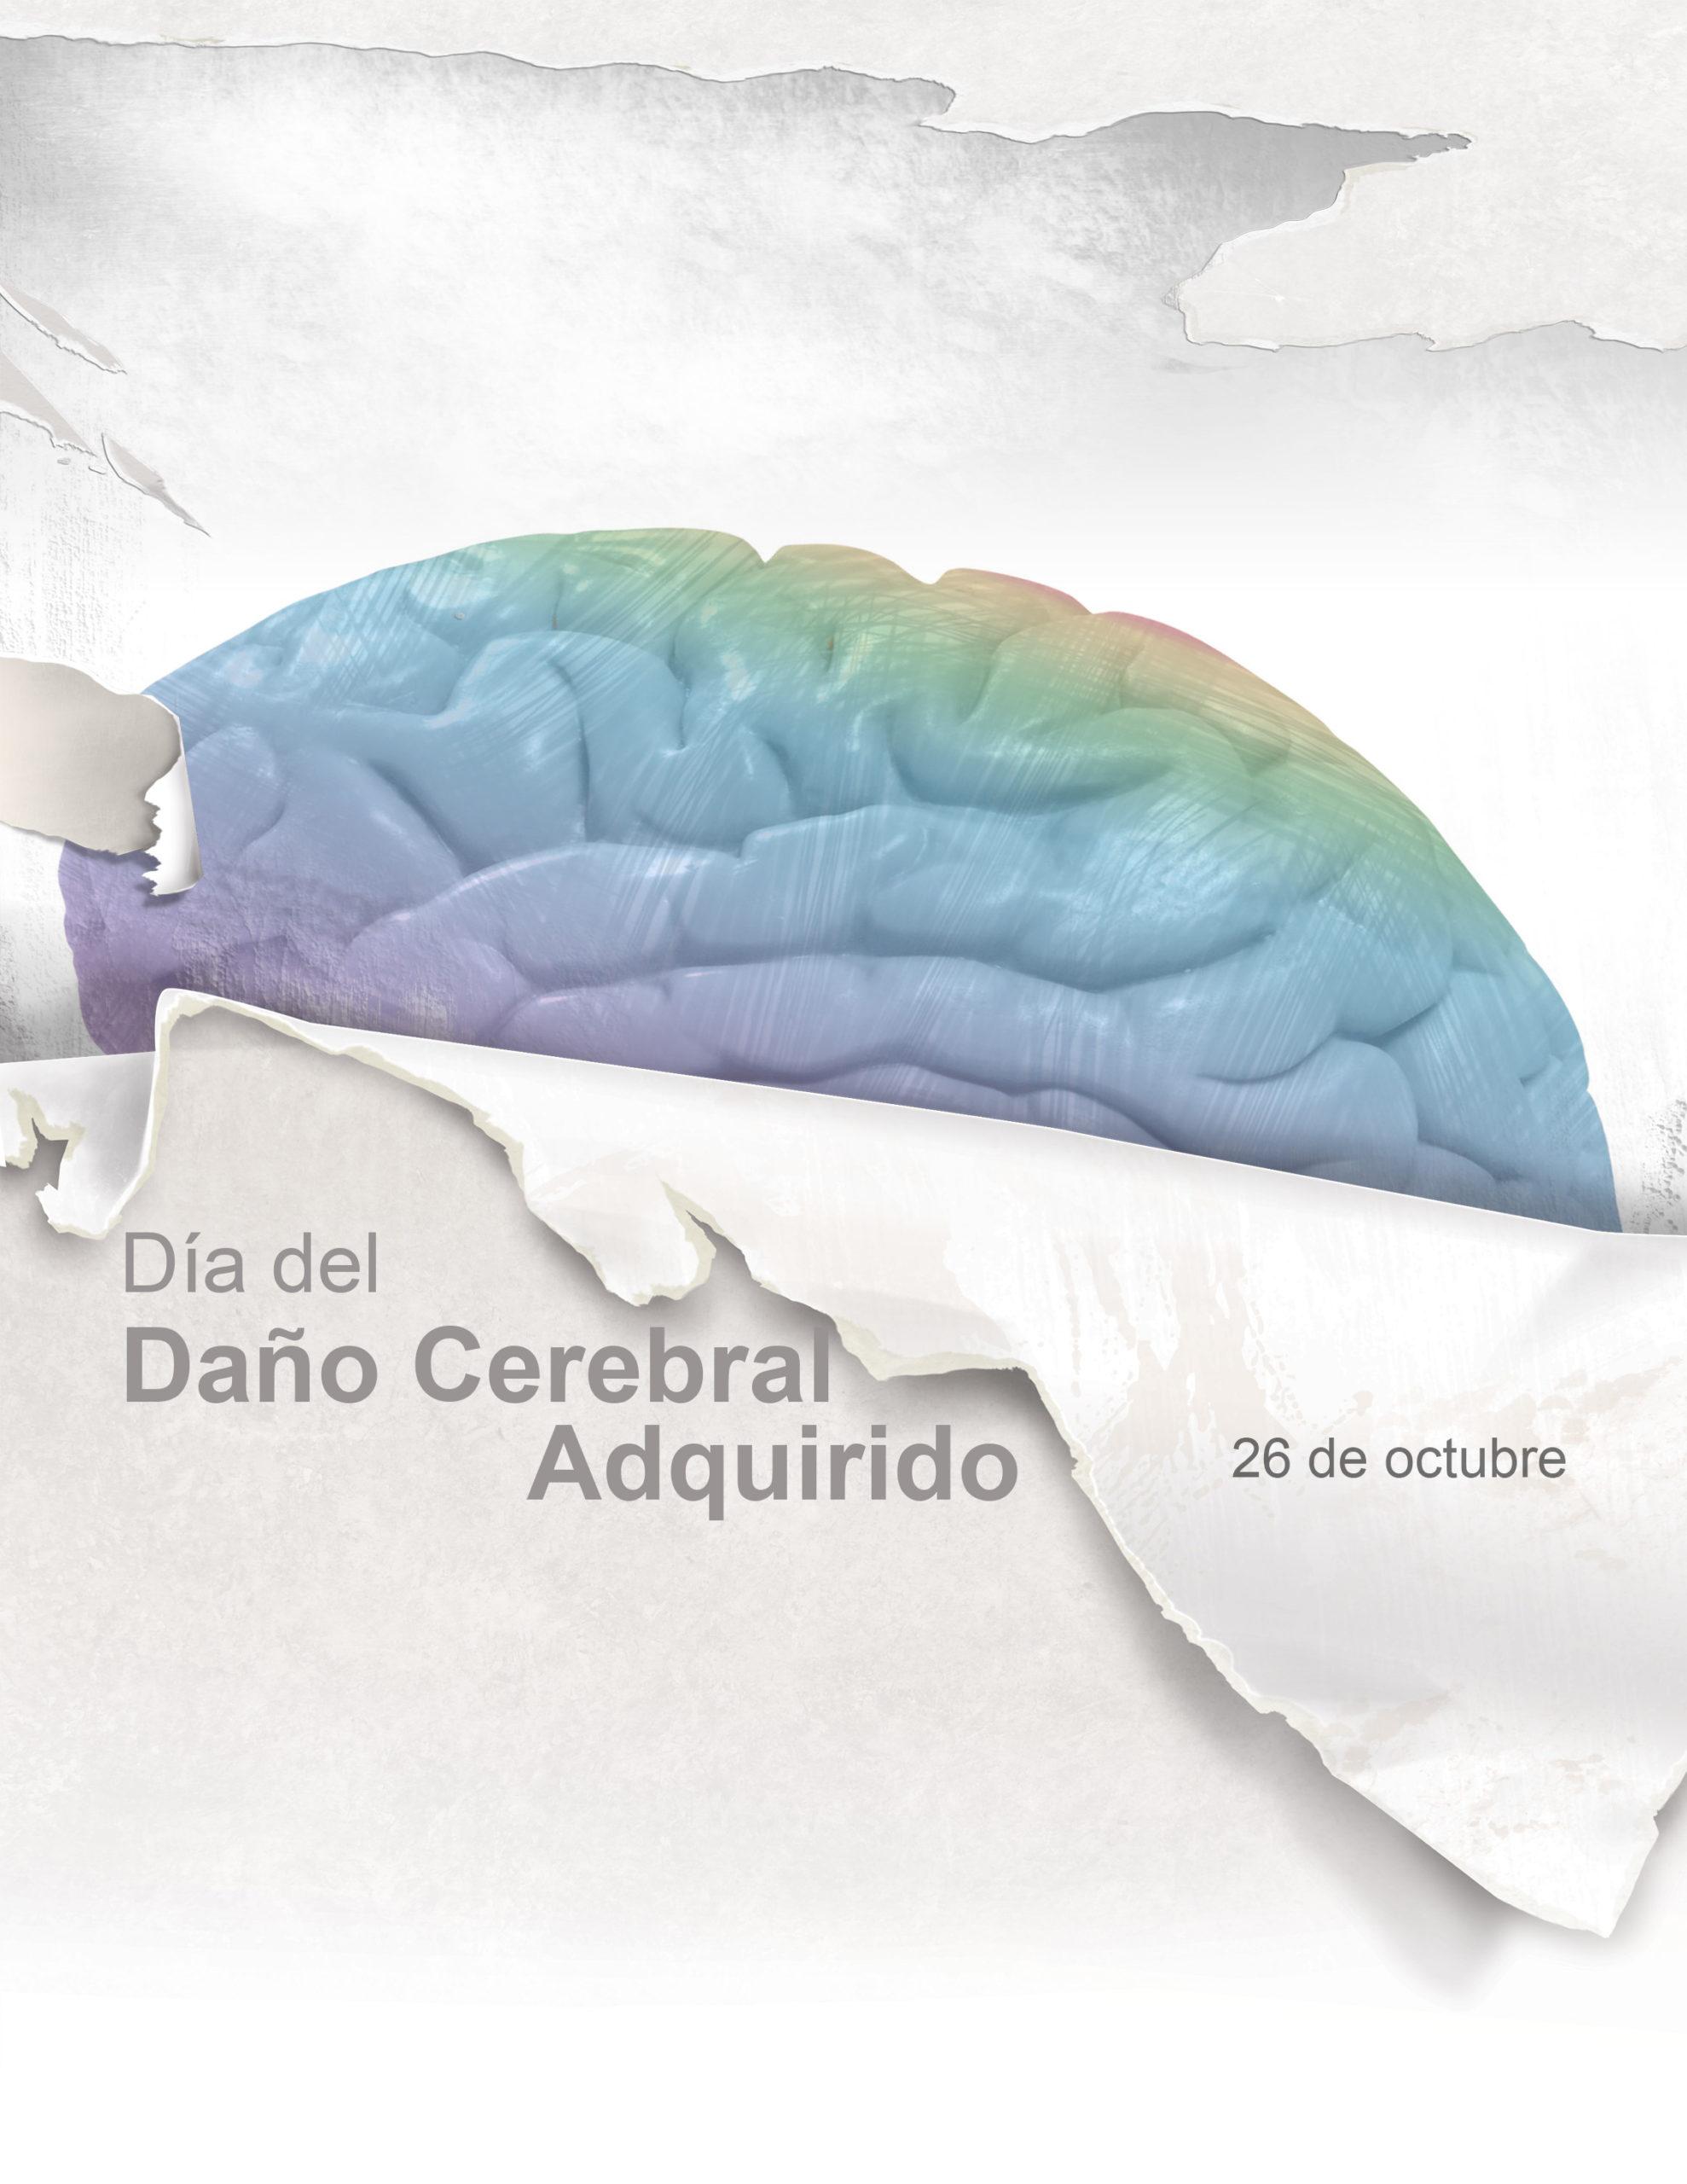 26 de octubre: Día del Daño Cerebral Adquirido